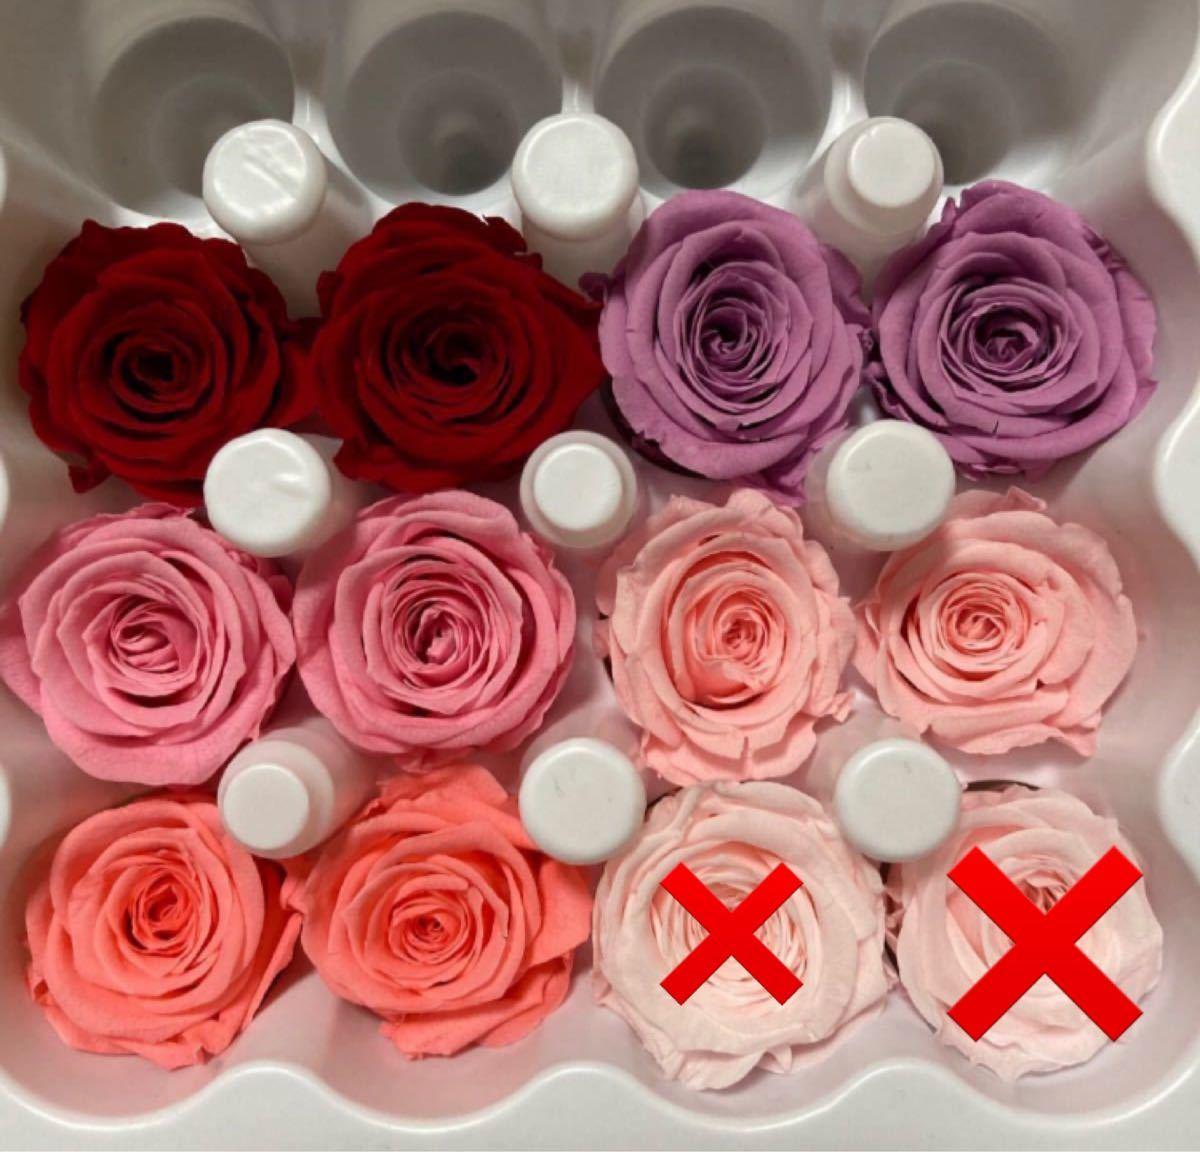 プリザーブドフラワー バラ、ハーバリウム花材、カラーアソートVERMEILLEアヴァ16輪、アネモ様、専用ページ